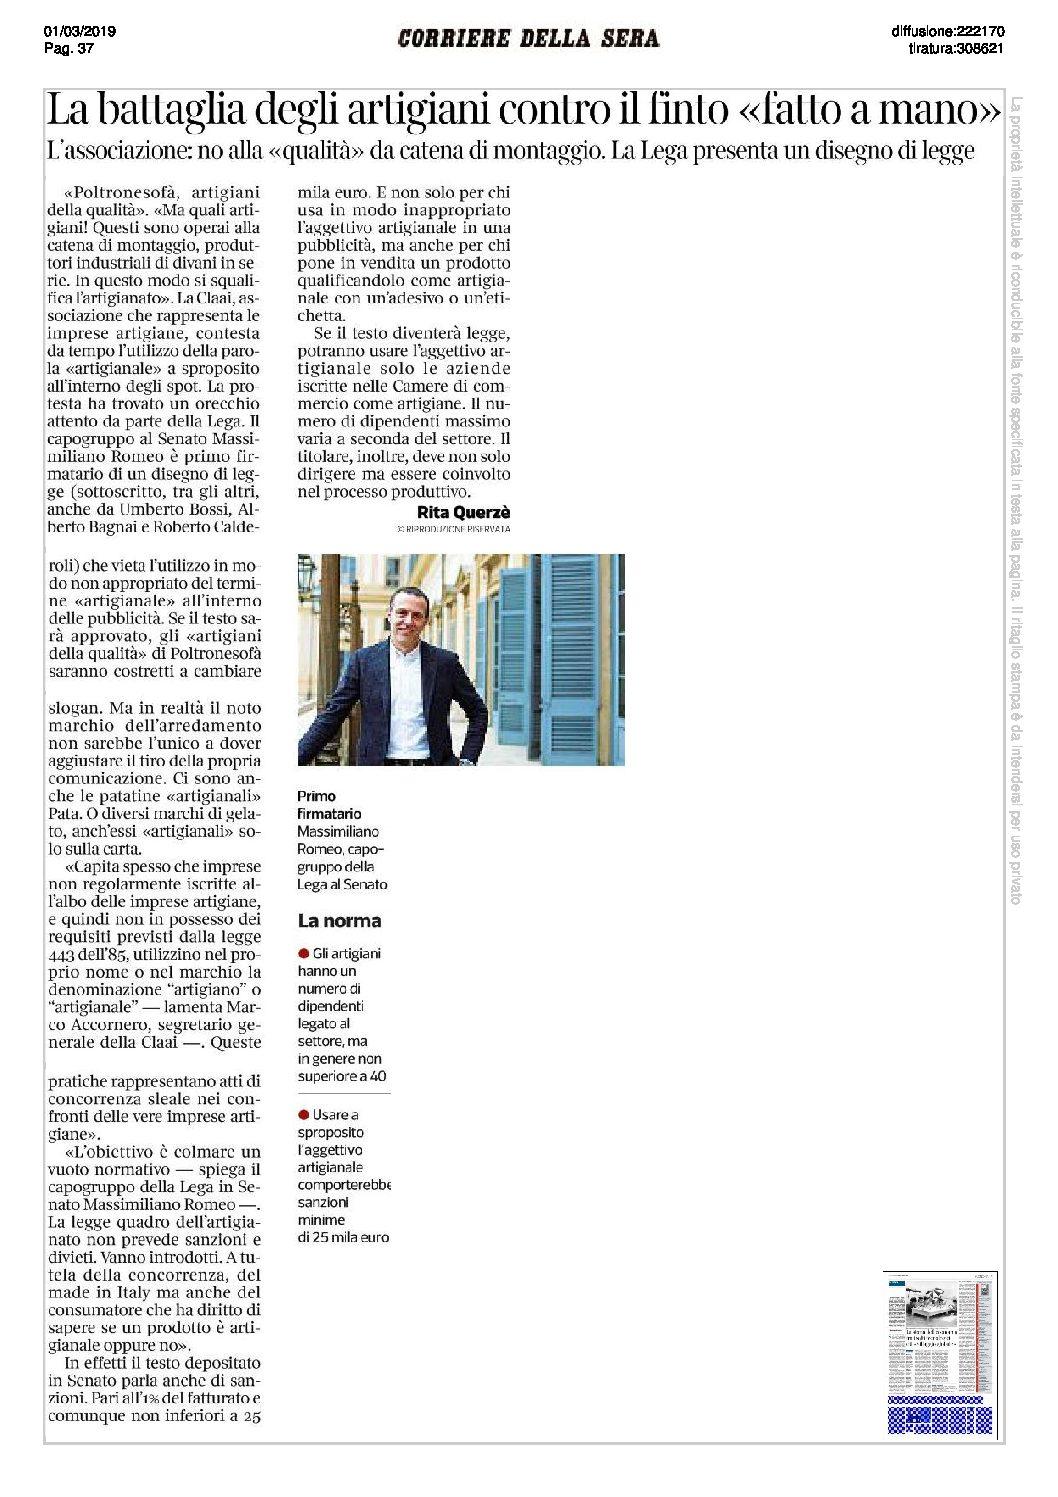 La battaglia degli artigiani contro il finto «fatto a mano» – Corriere della Sera